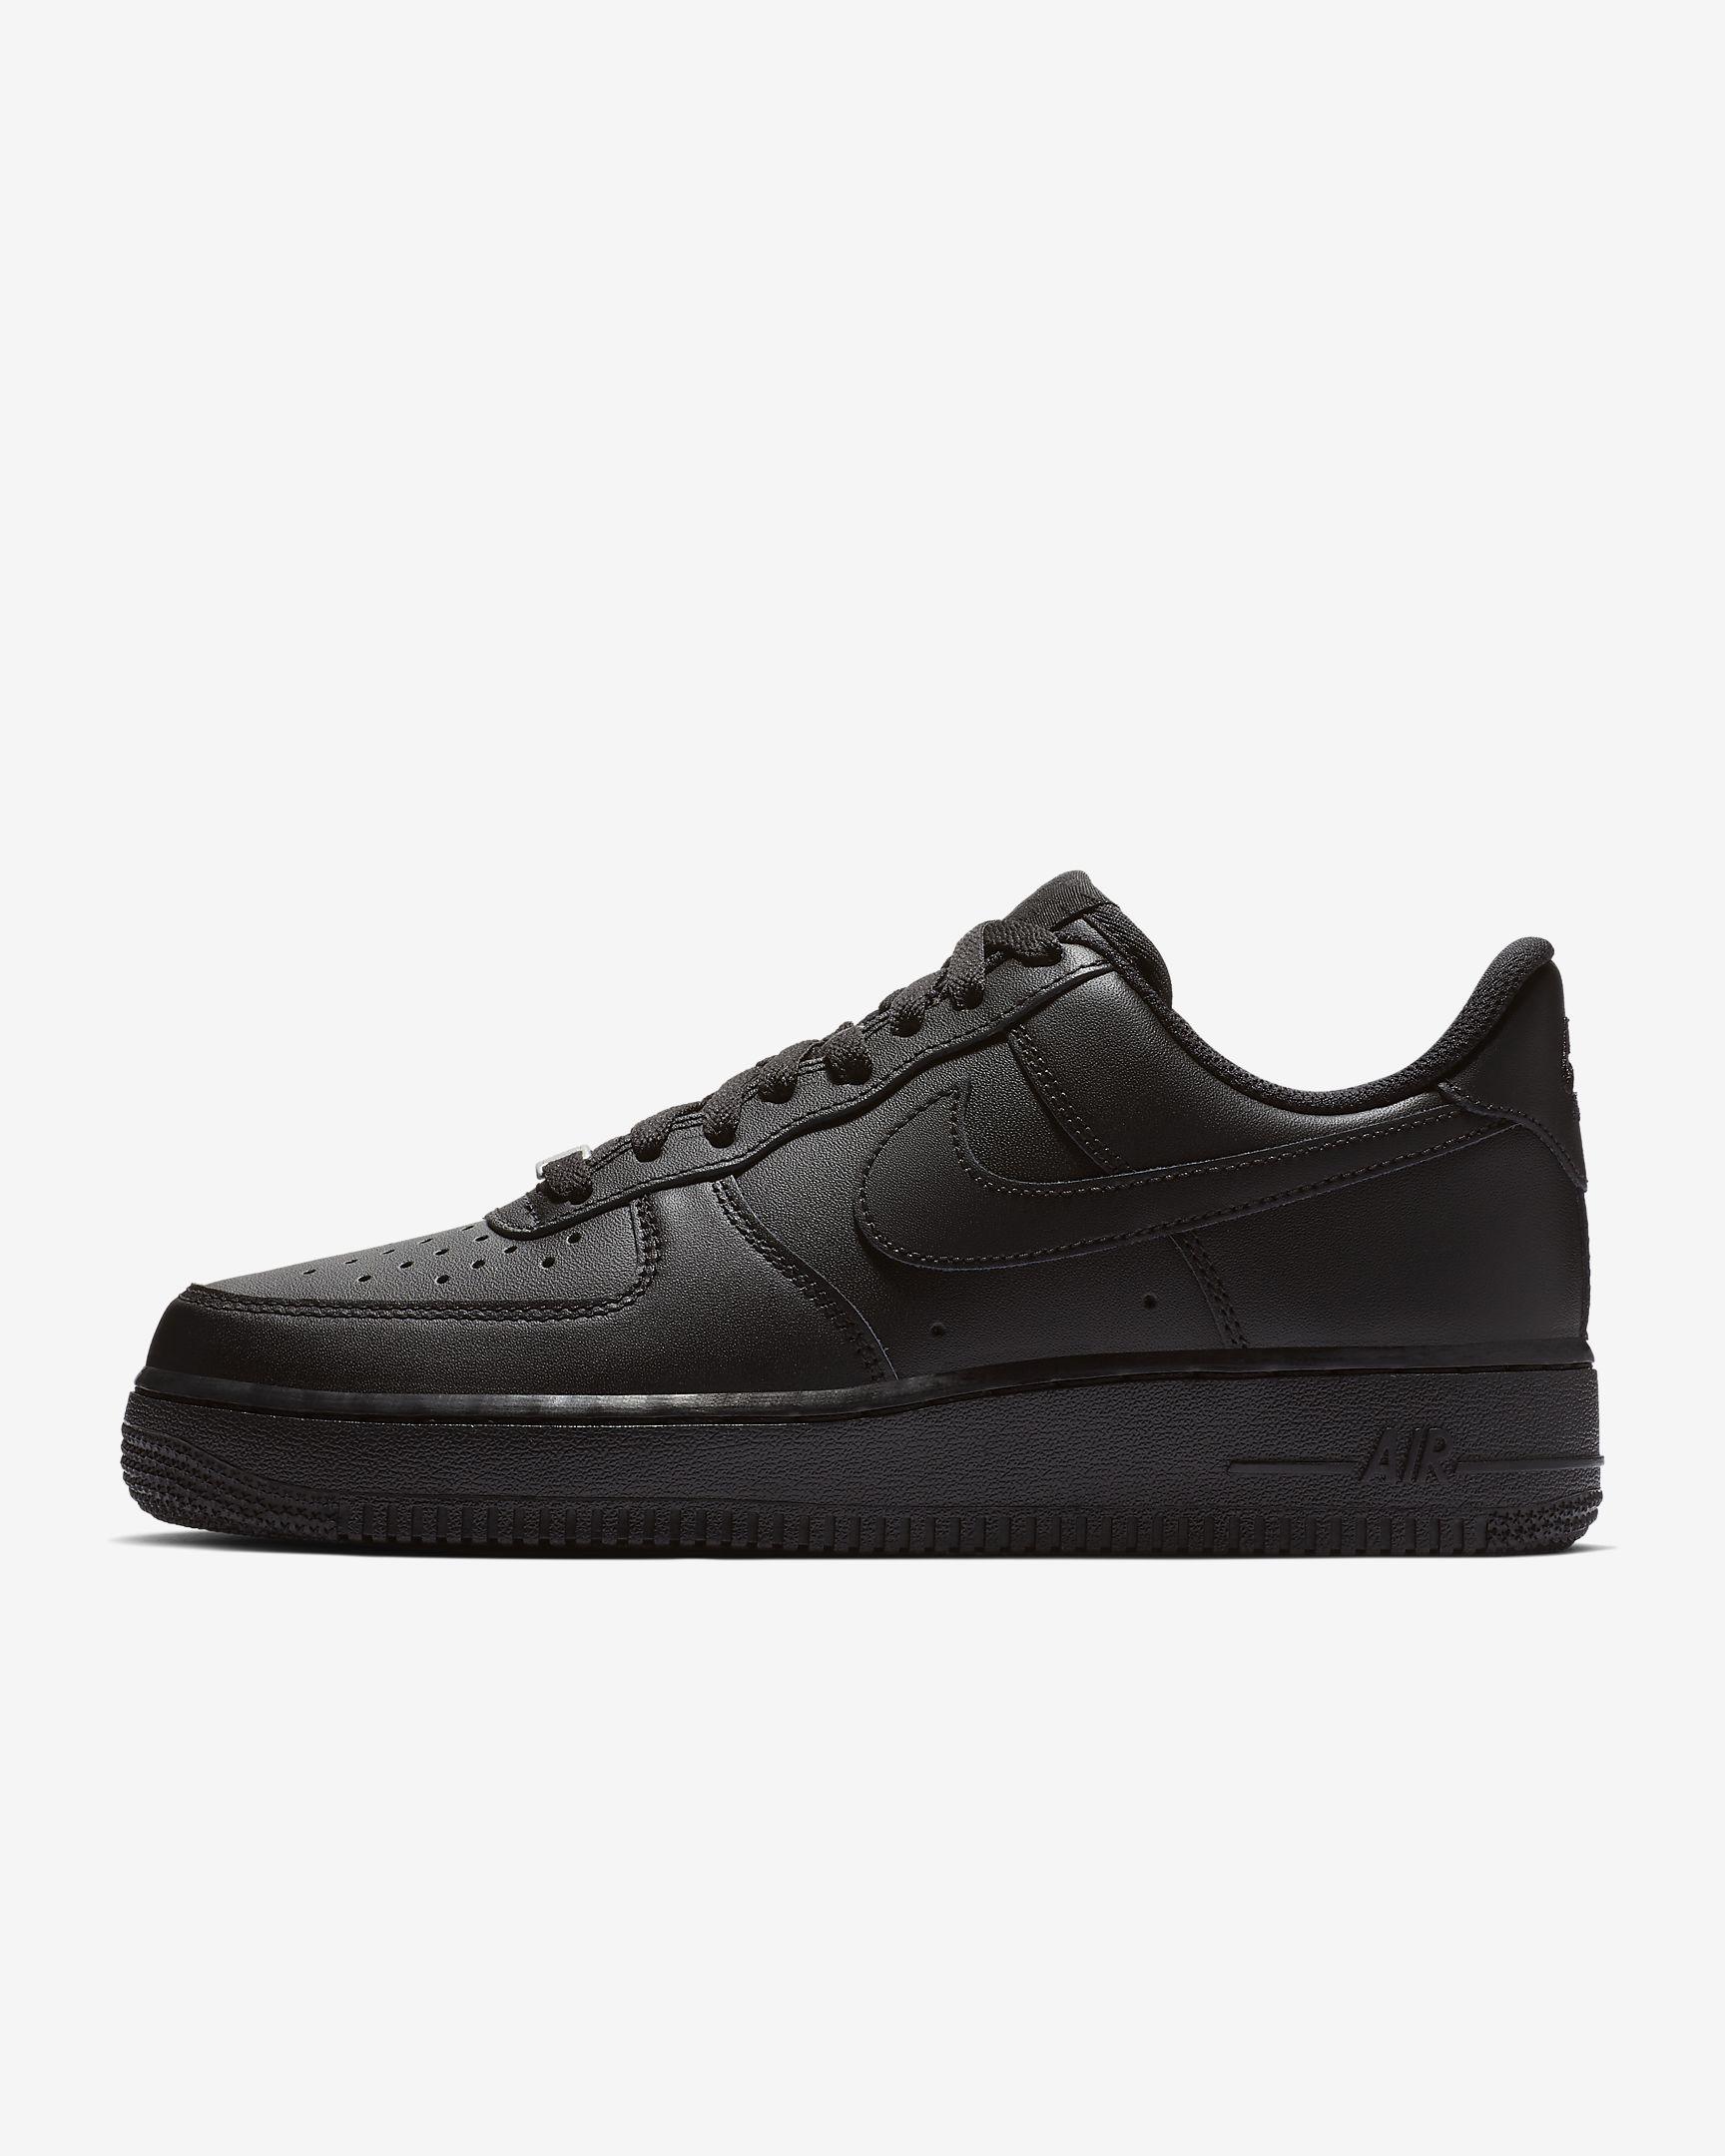 Tenisky Nike Air Force 1 Low Čierne-WWW.AIRFORCE.SK